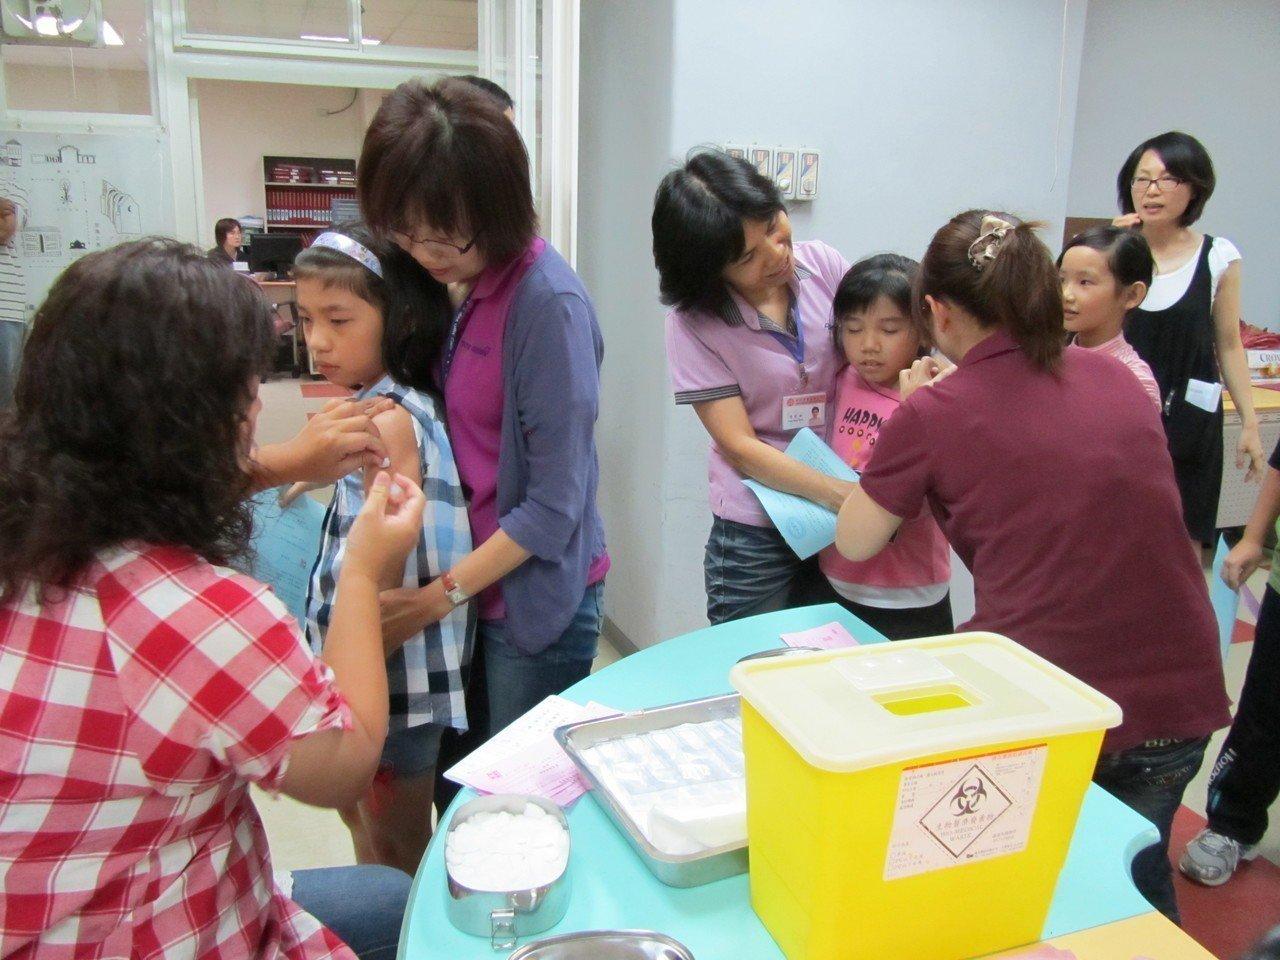 新竹縣市衛生局表示,今年免費流感疫苗自10月15日開始施打。圖/新竹市衛生局提供